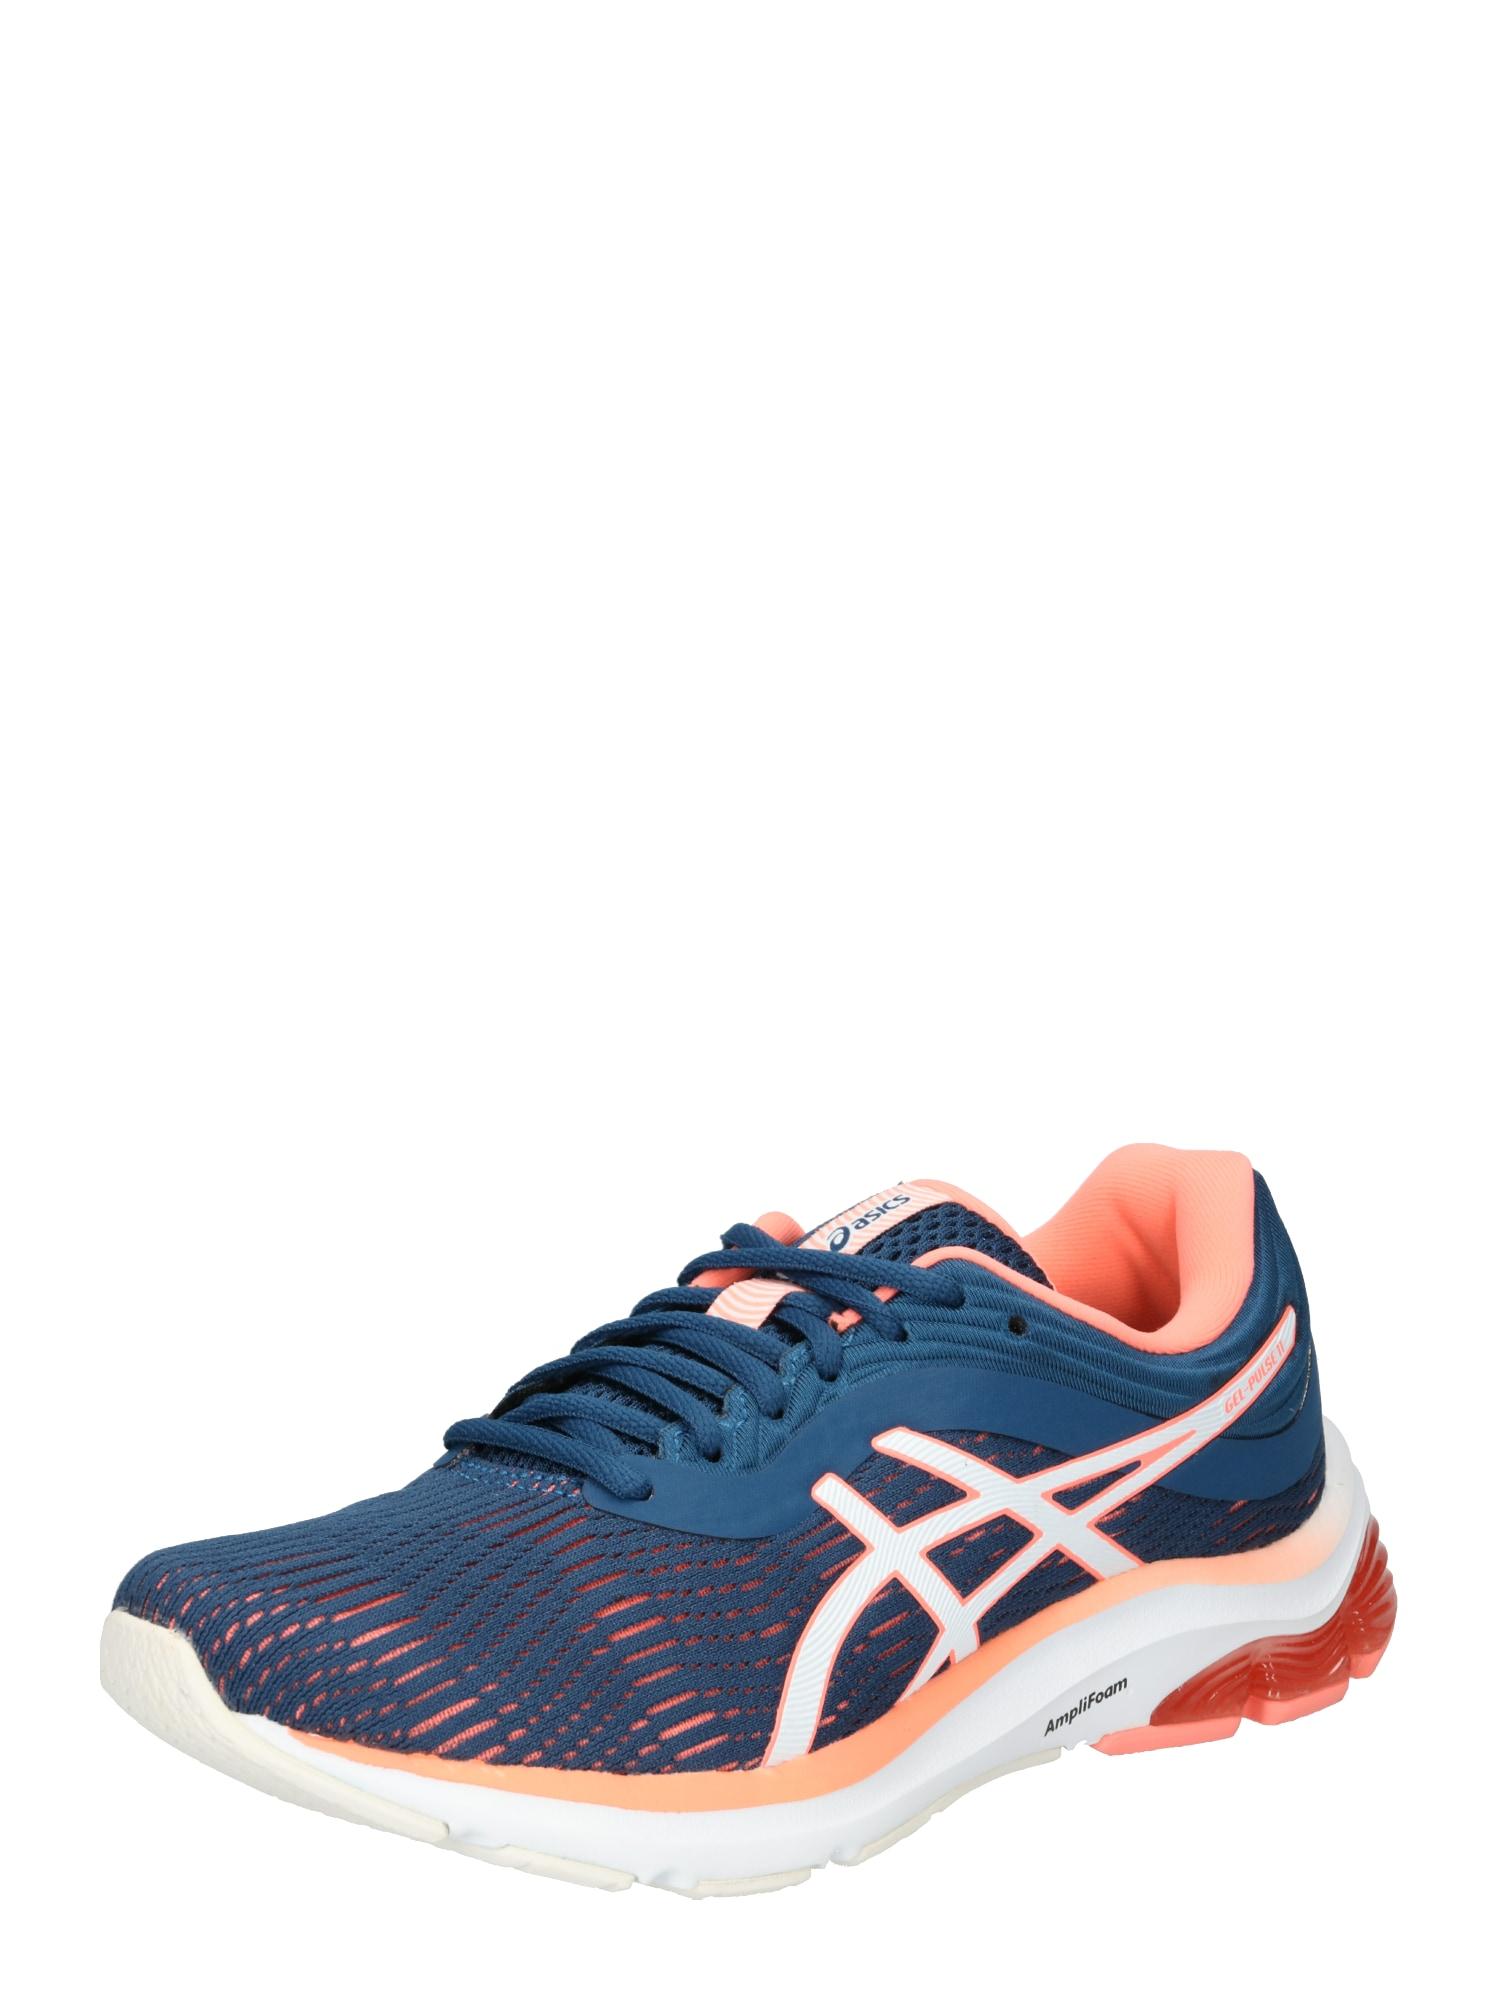 Běžecká obuv Gel-Pulse 11 modrá korálová bílá ASICS